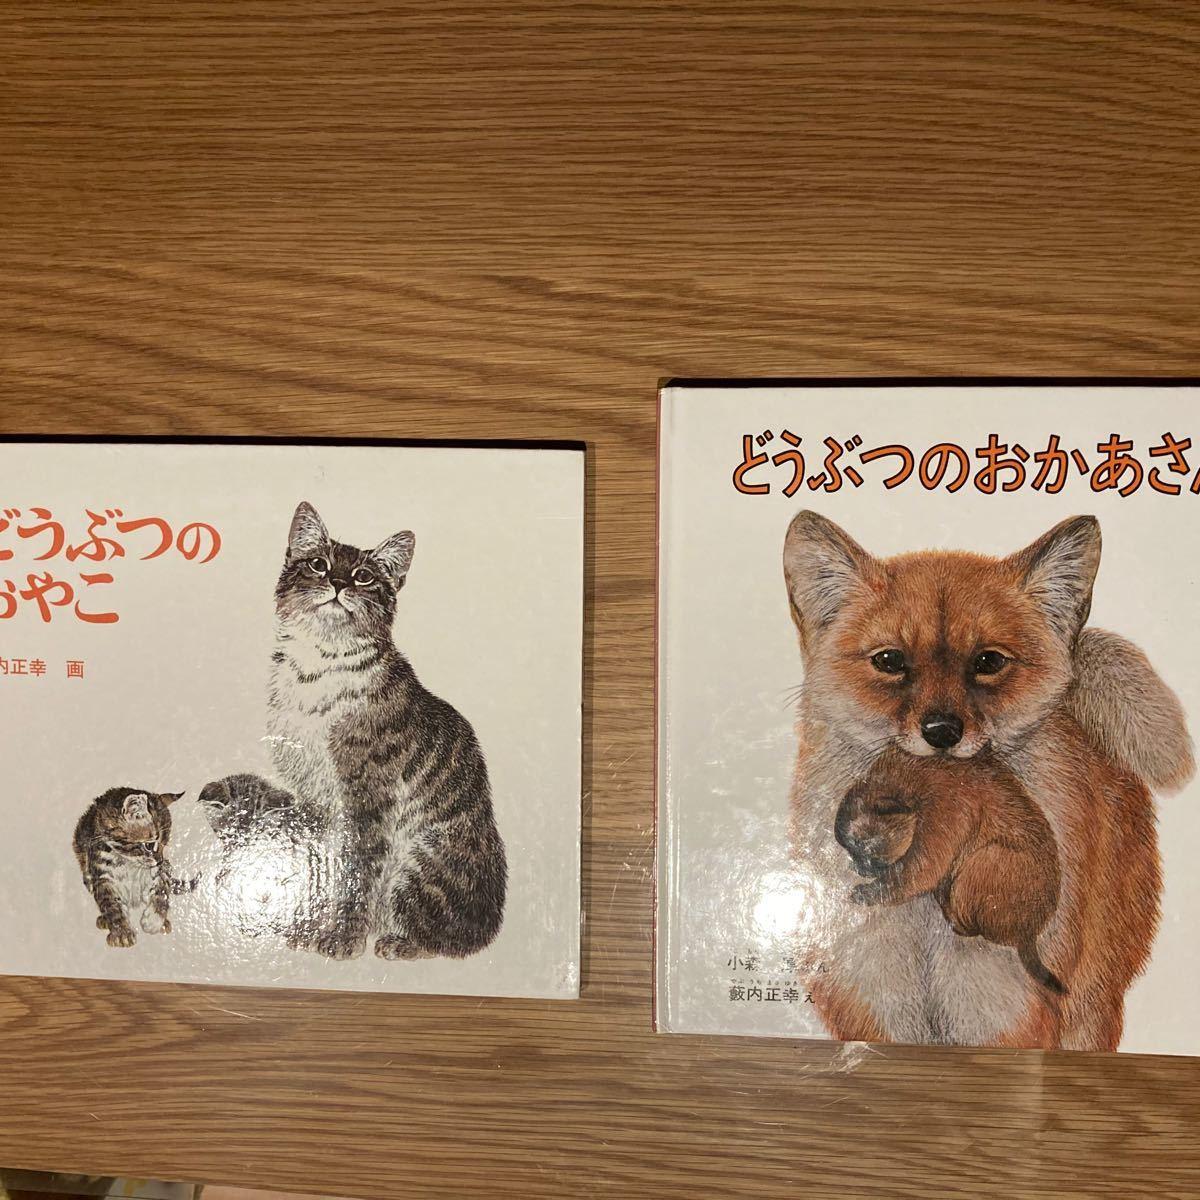 どうぶつのおやこ どうぶつのおかあさん 2冊セット福音館 あかちゃんの絵本 幼児絵本